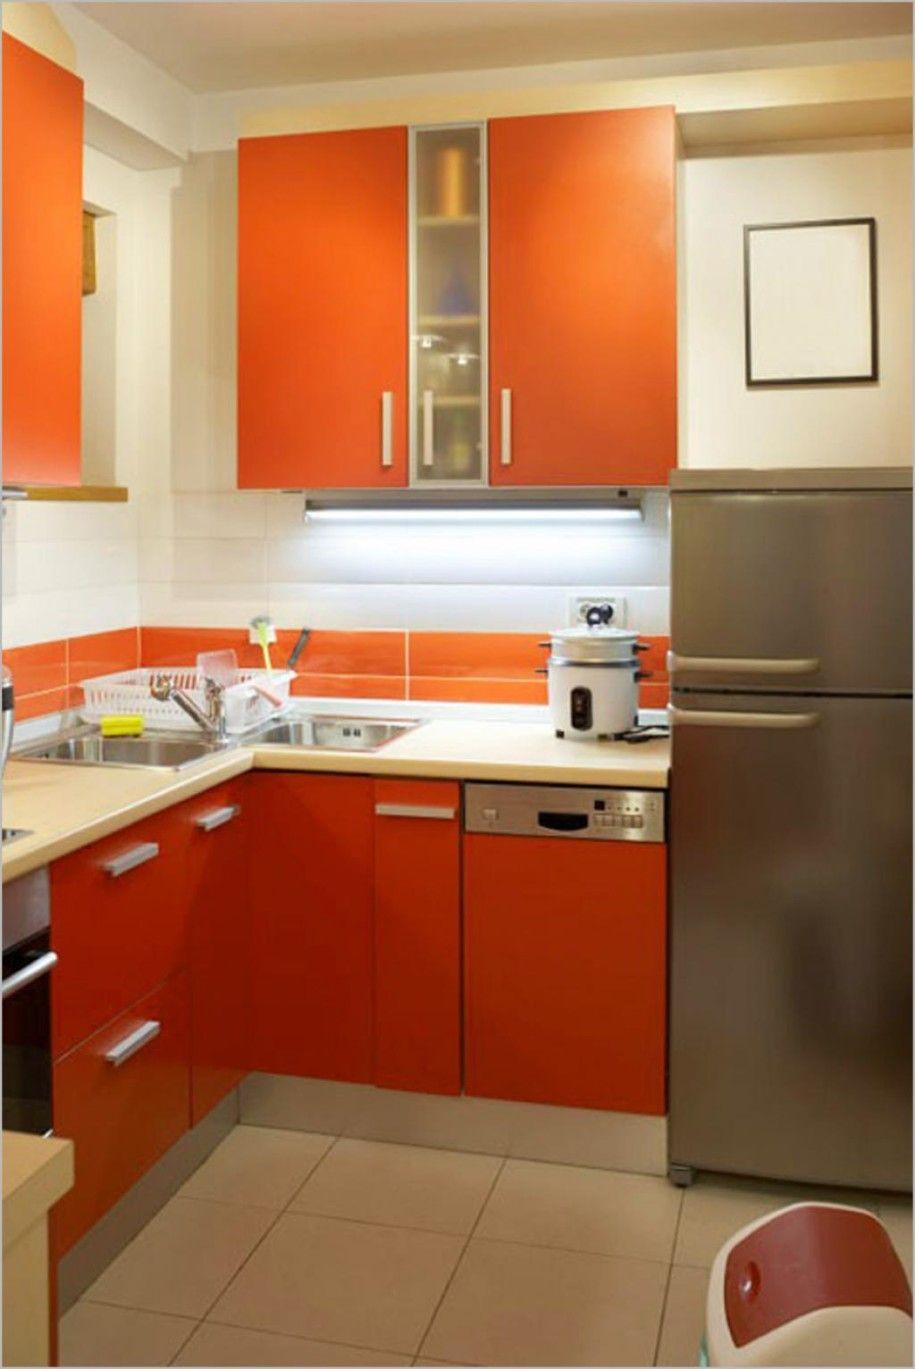 Narancs  Konyha Konyhabútor Szín Ötletek  A Legnépszerűbb Beauteous Small Kitchen Interior Design Images 2018